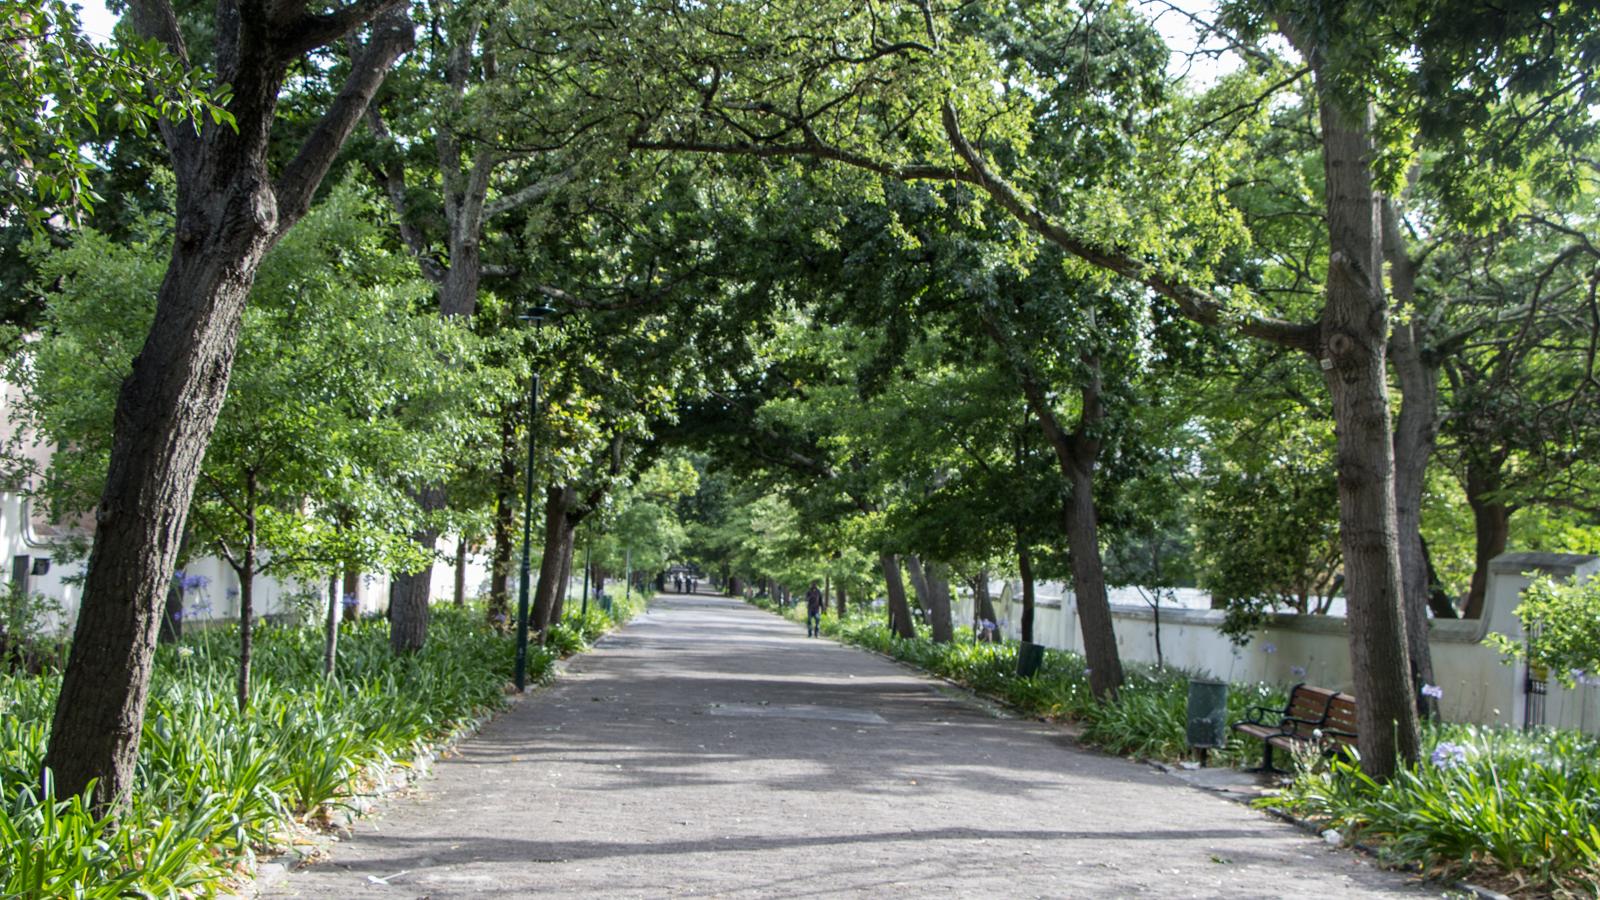 Kapstadt Sehenswürdigkeiten Comapys Gardens Kapstadt Fahrrad